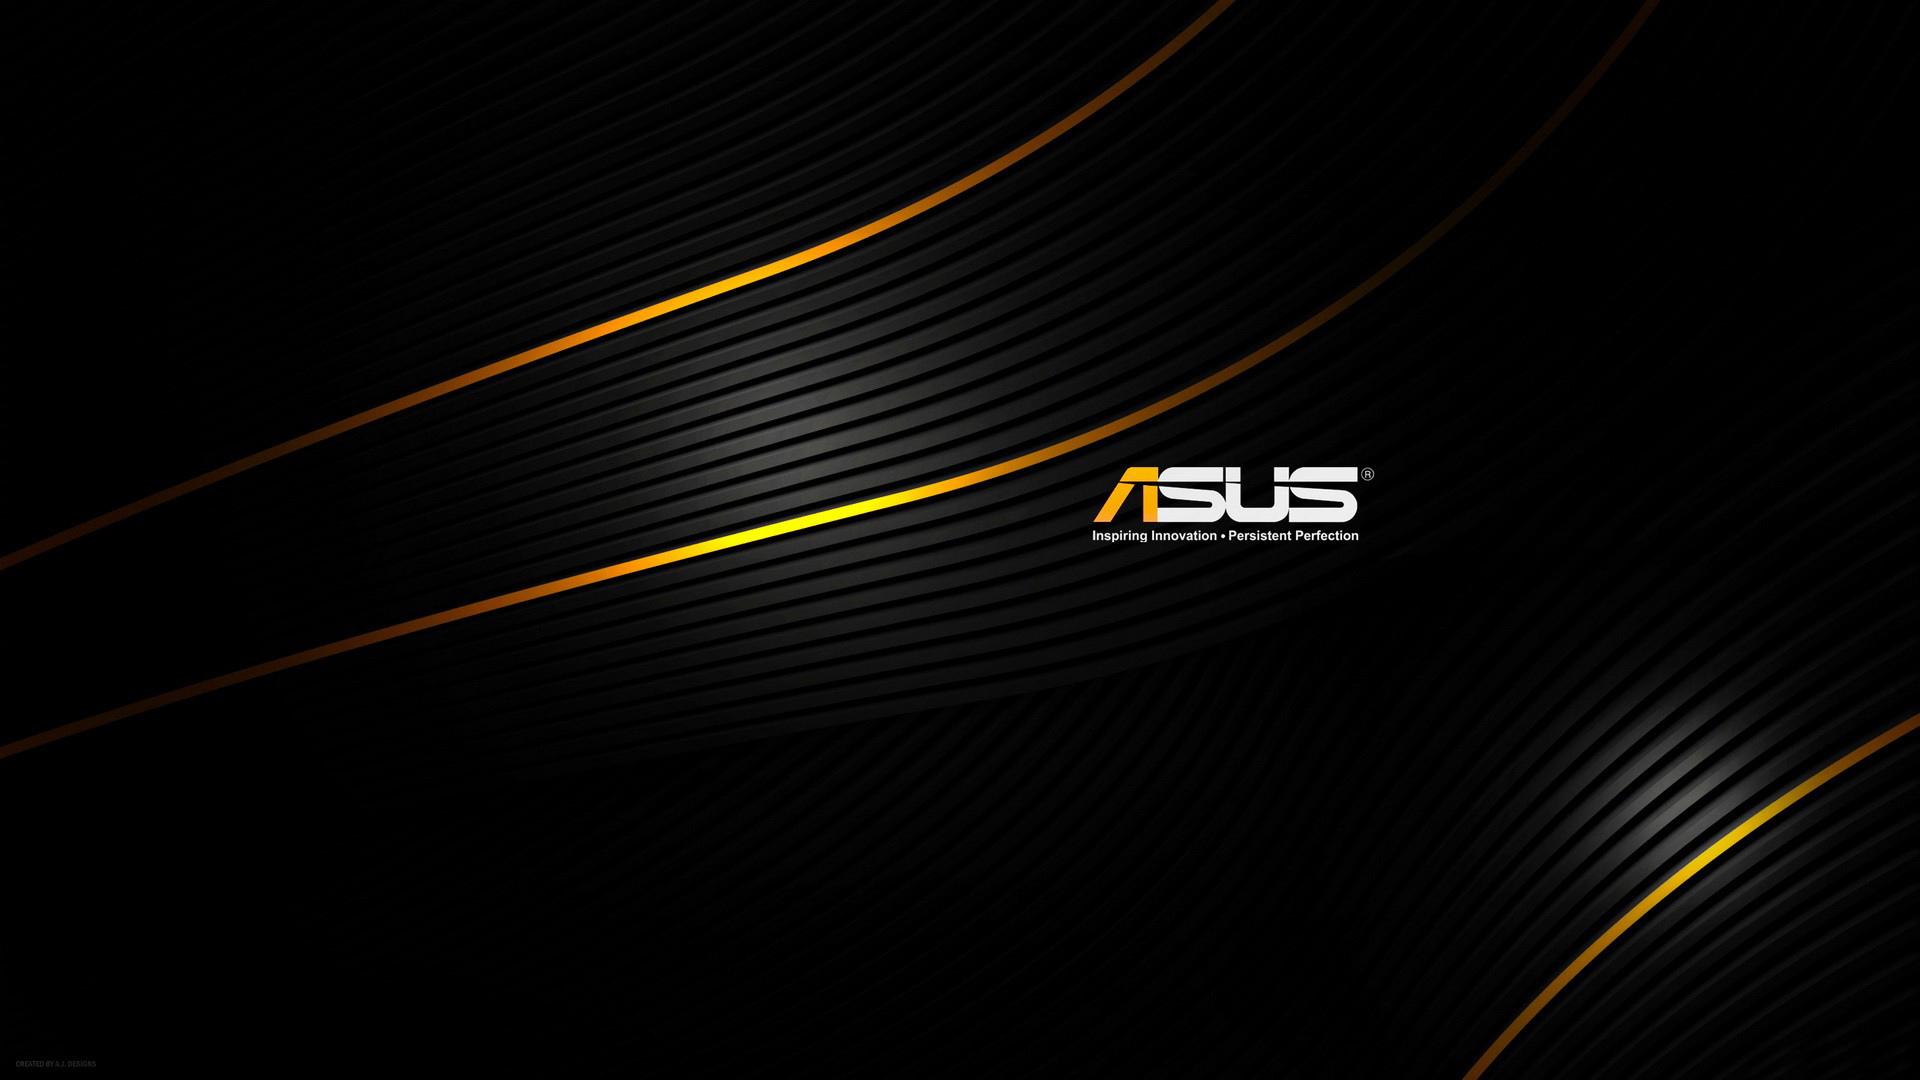 Asus emblem Wallpaper